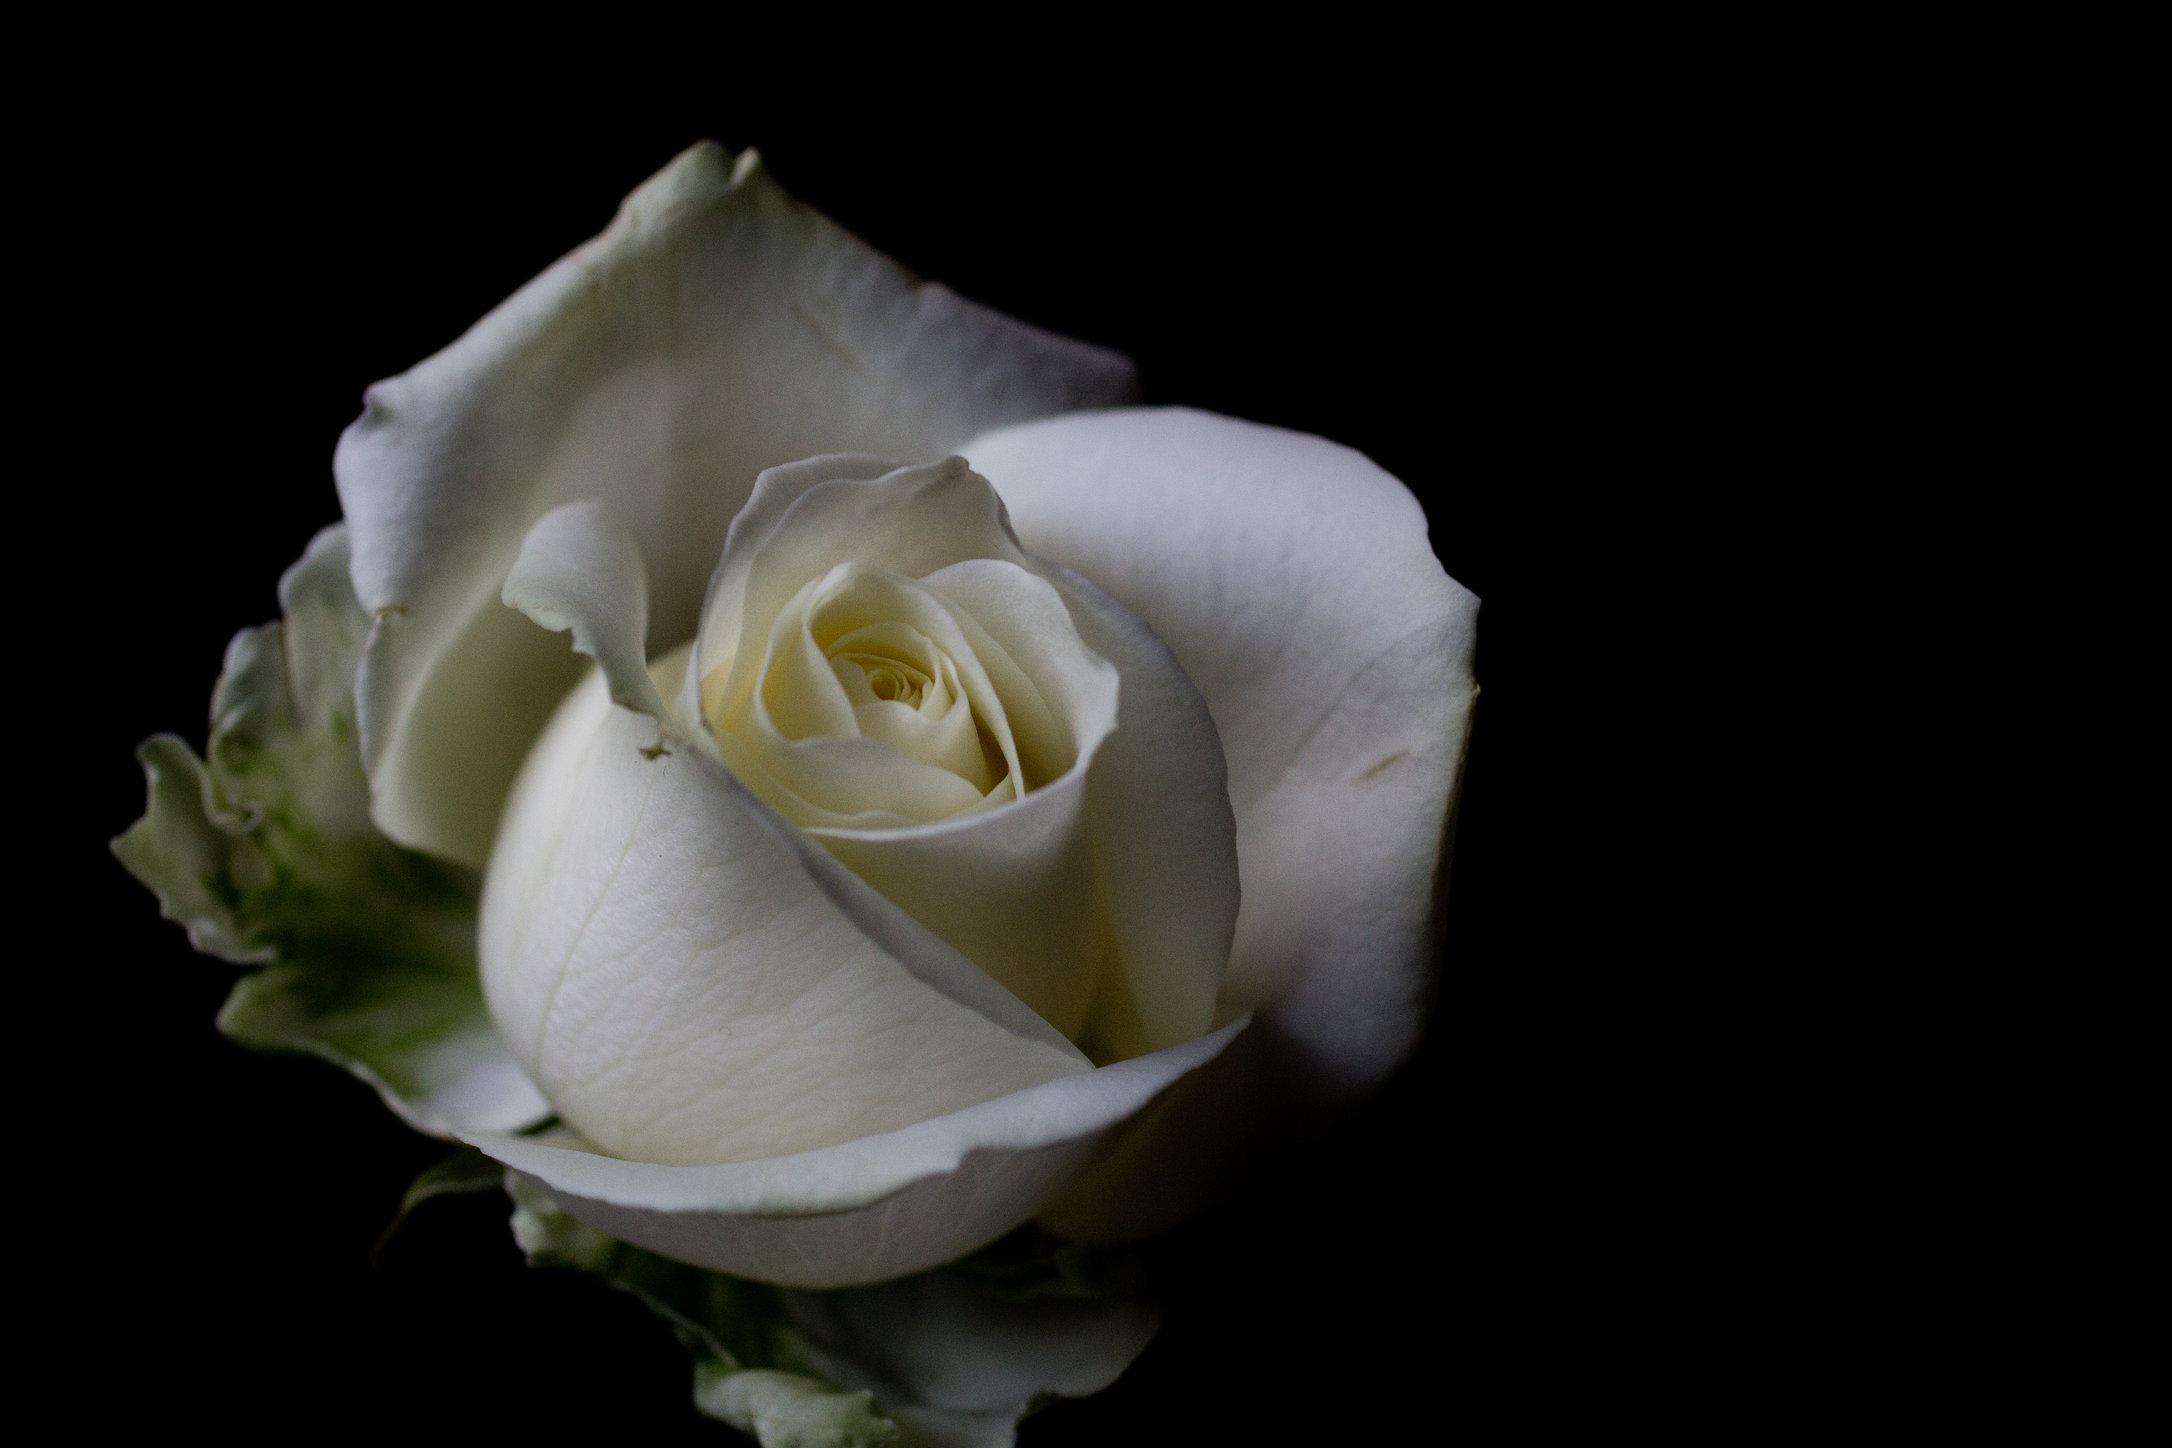 Rose_8059864586_o.jpg